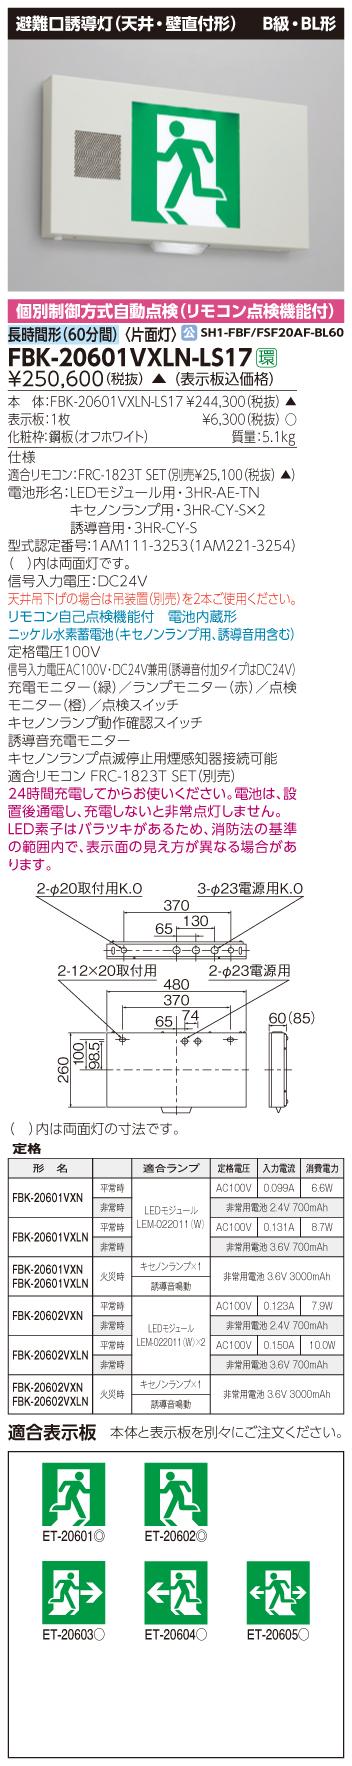 【法人様限定】東芝 FBK-20601VXLN-LS17 LED誘導灯 天井・壁直付形 天井吊下形 誘導音付加点滅形 電池内蔵 片面 B級BL形 長時間 【表示板別売】